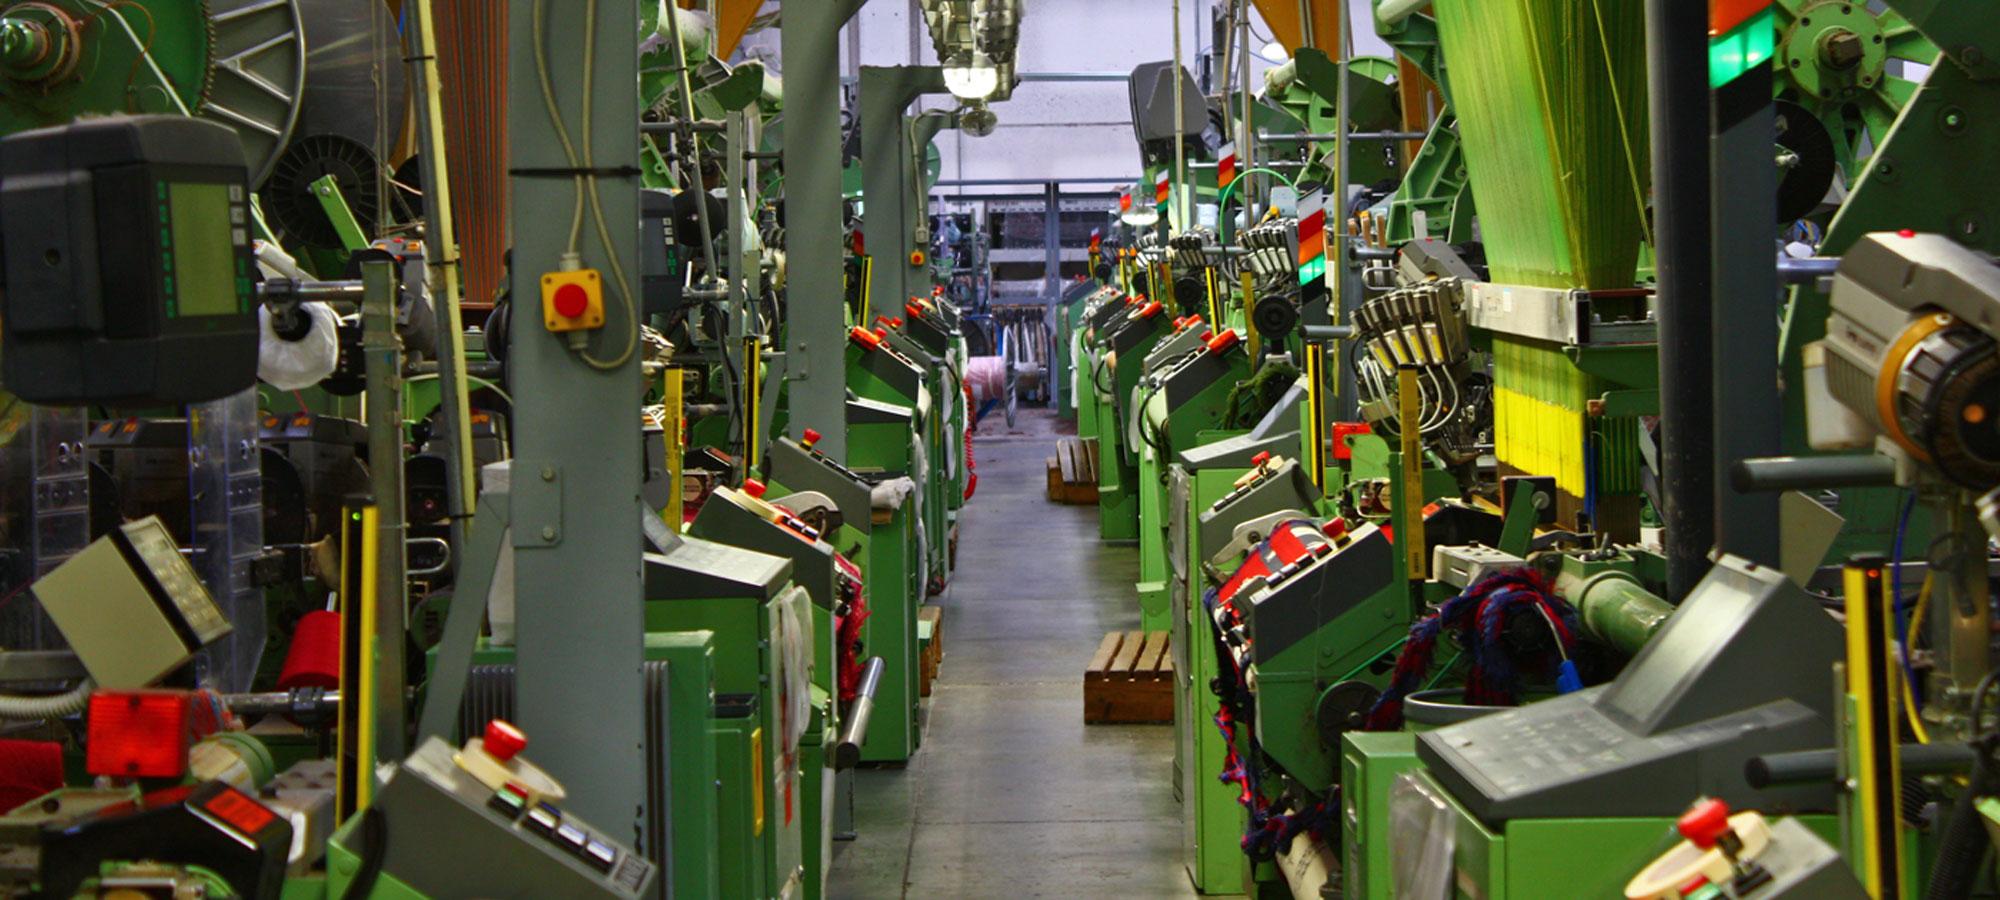 enzo-degli-angiuoni-made-in-italy-produzione-px2000x900-01